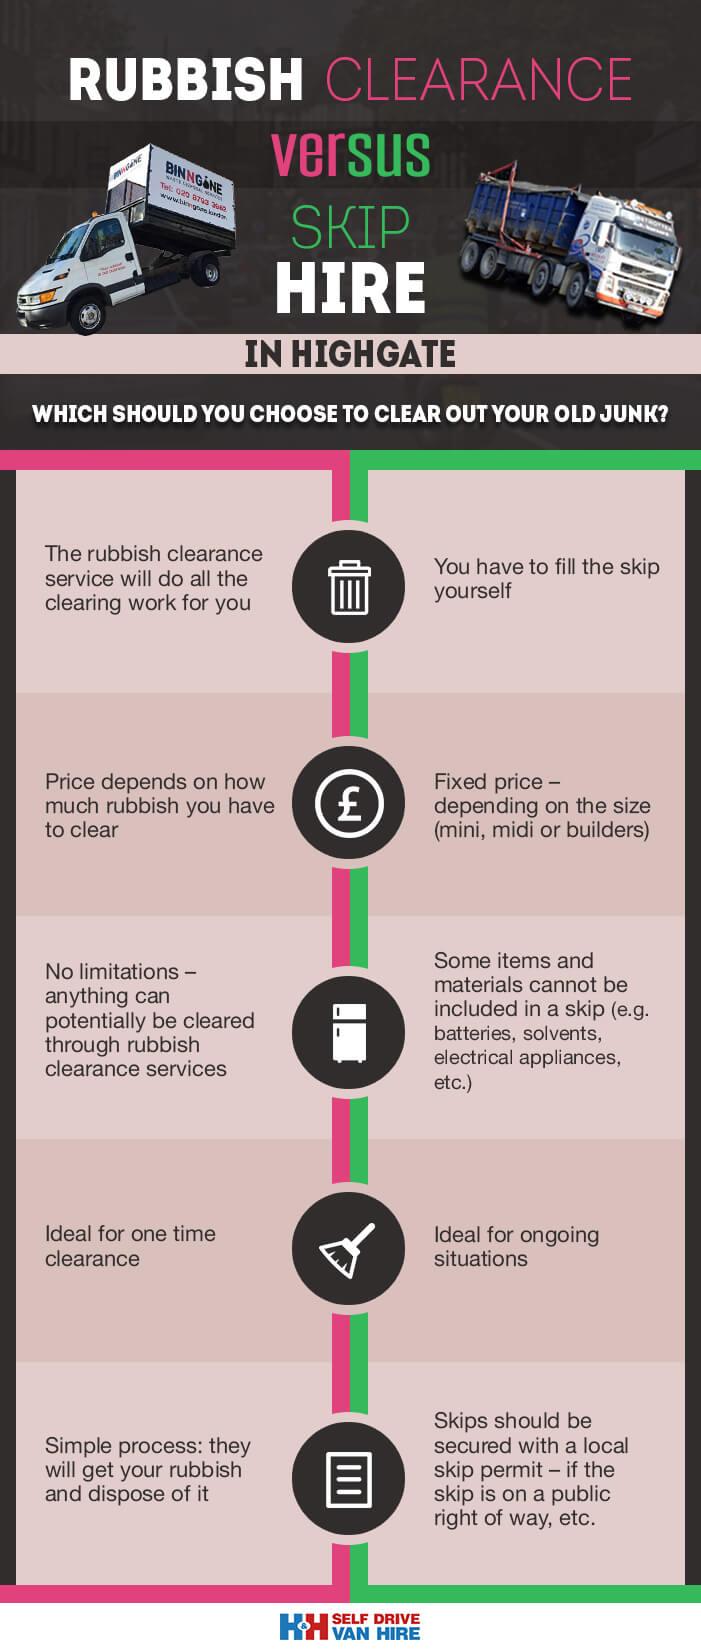 rubbish clearance vs skip hire